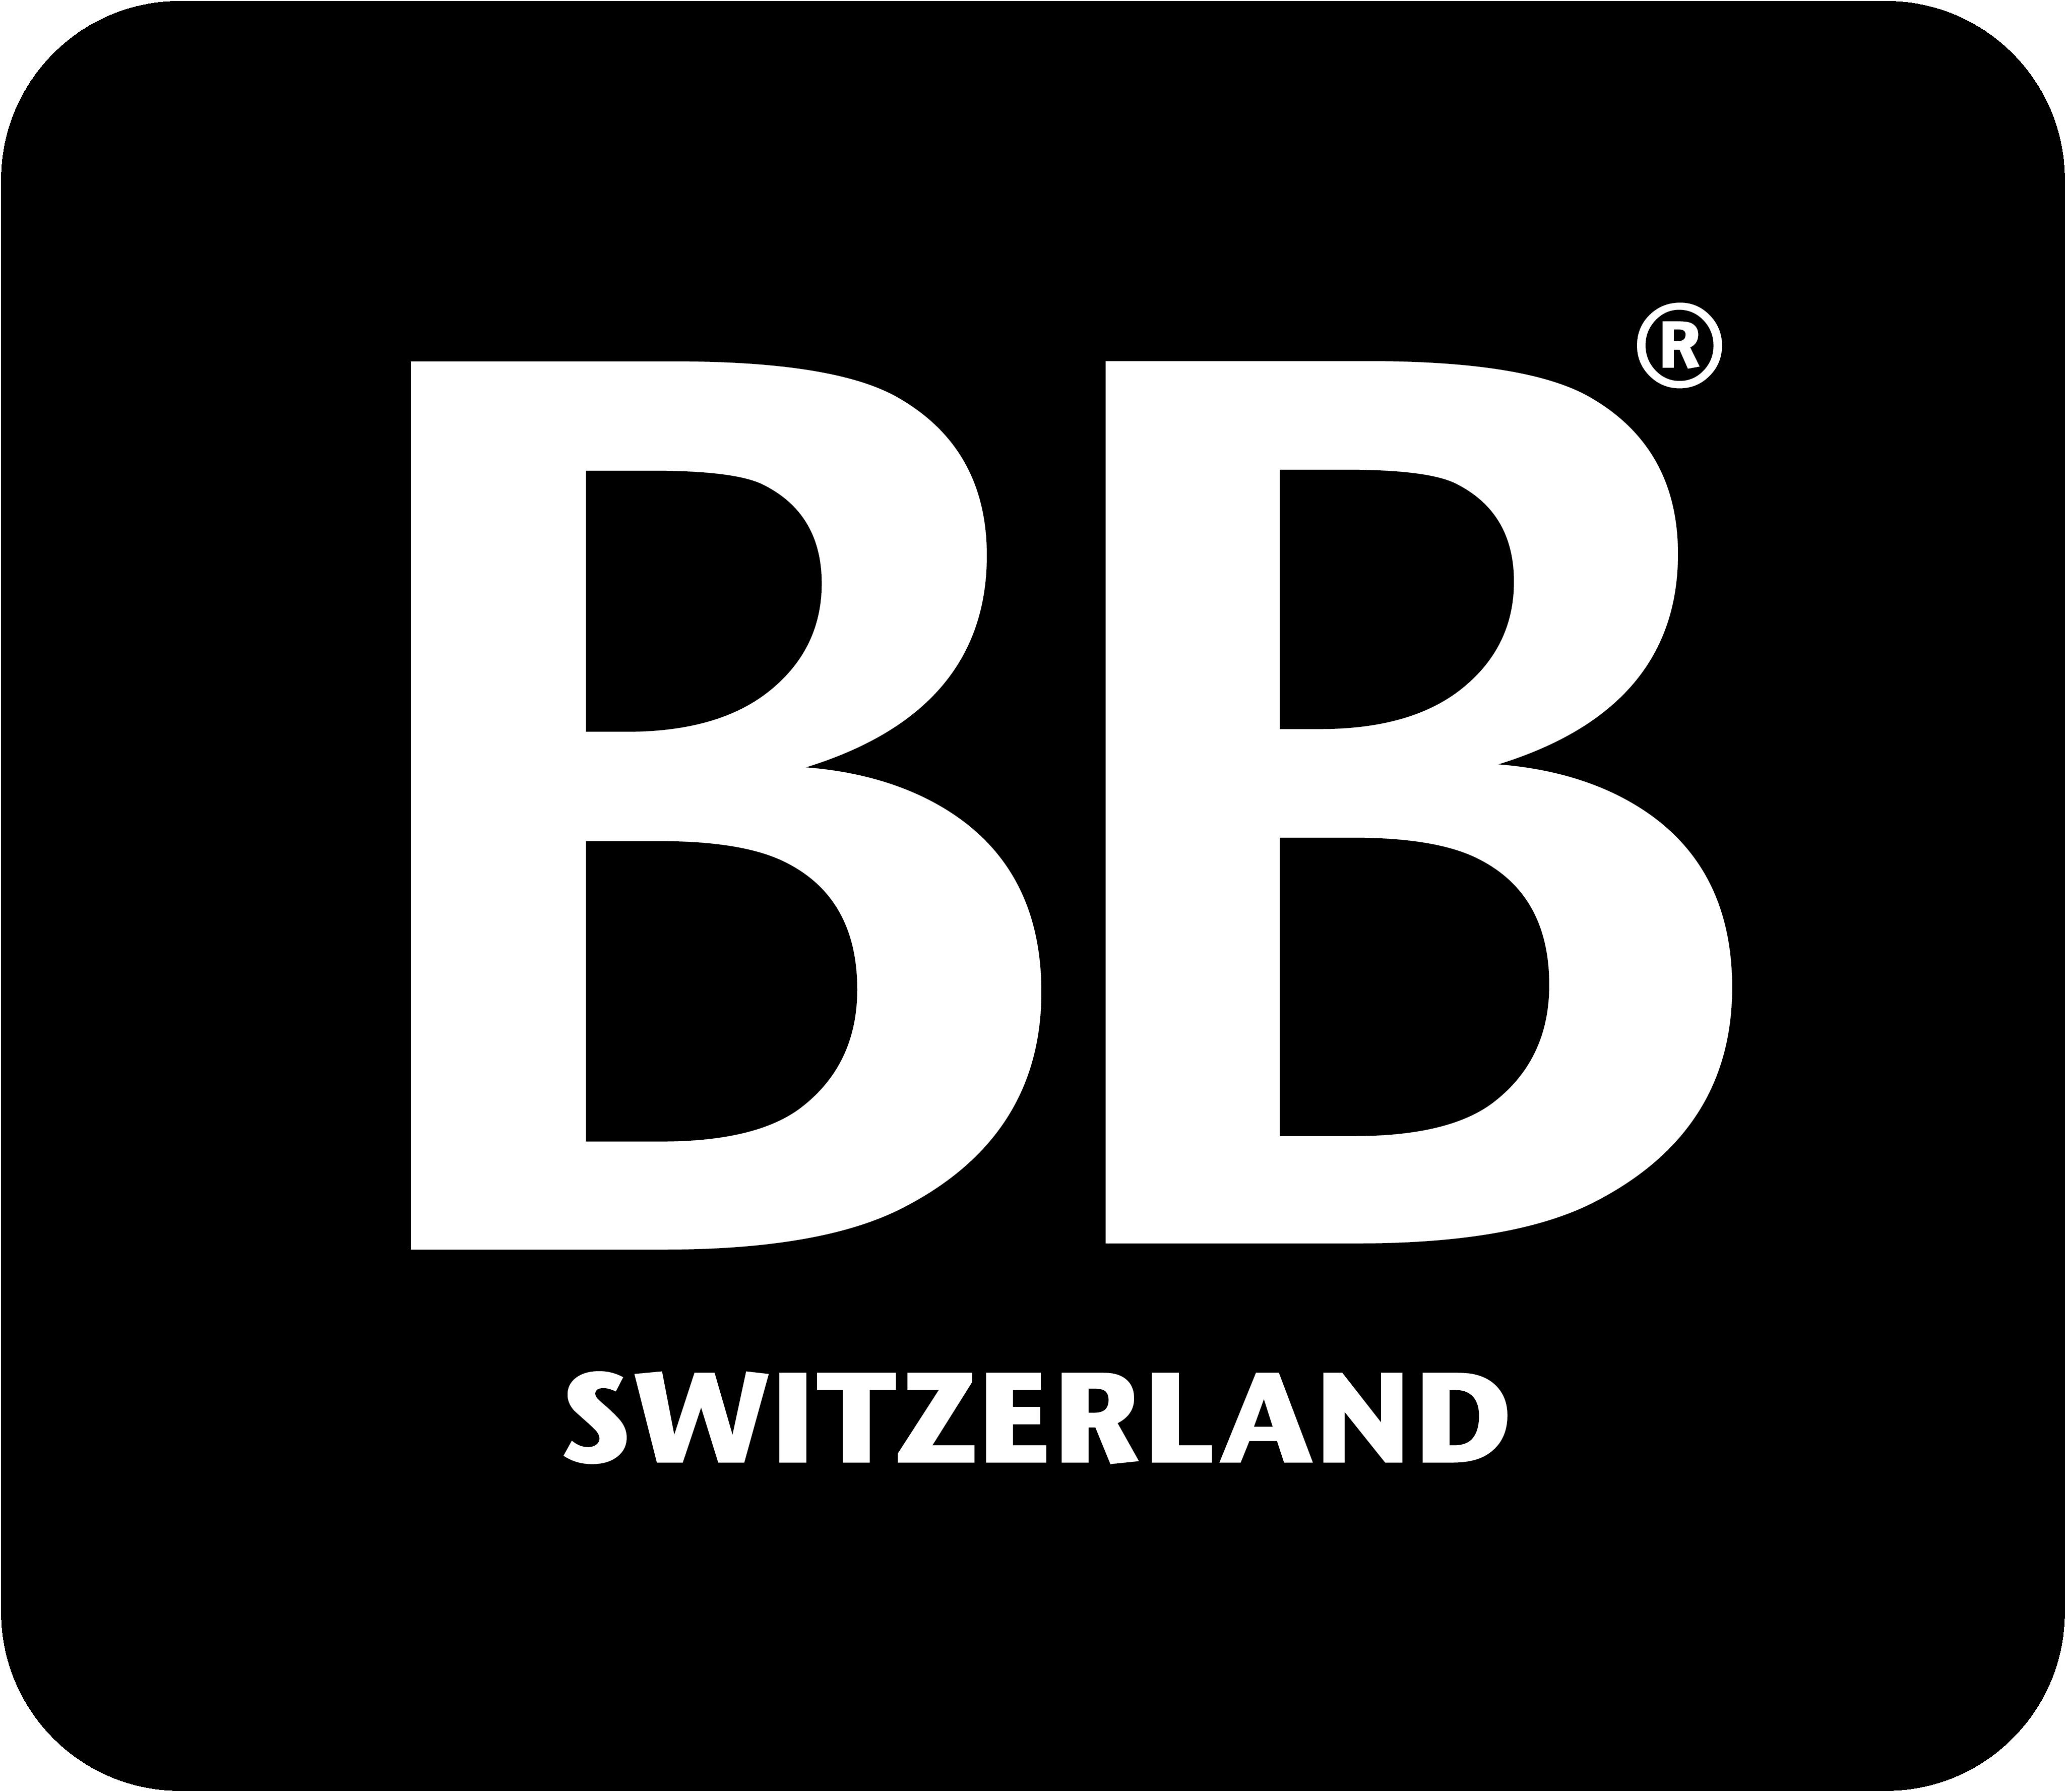 Agence BB Switzerland® logo